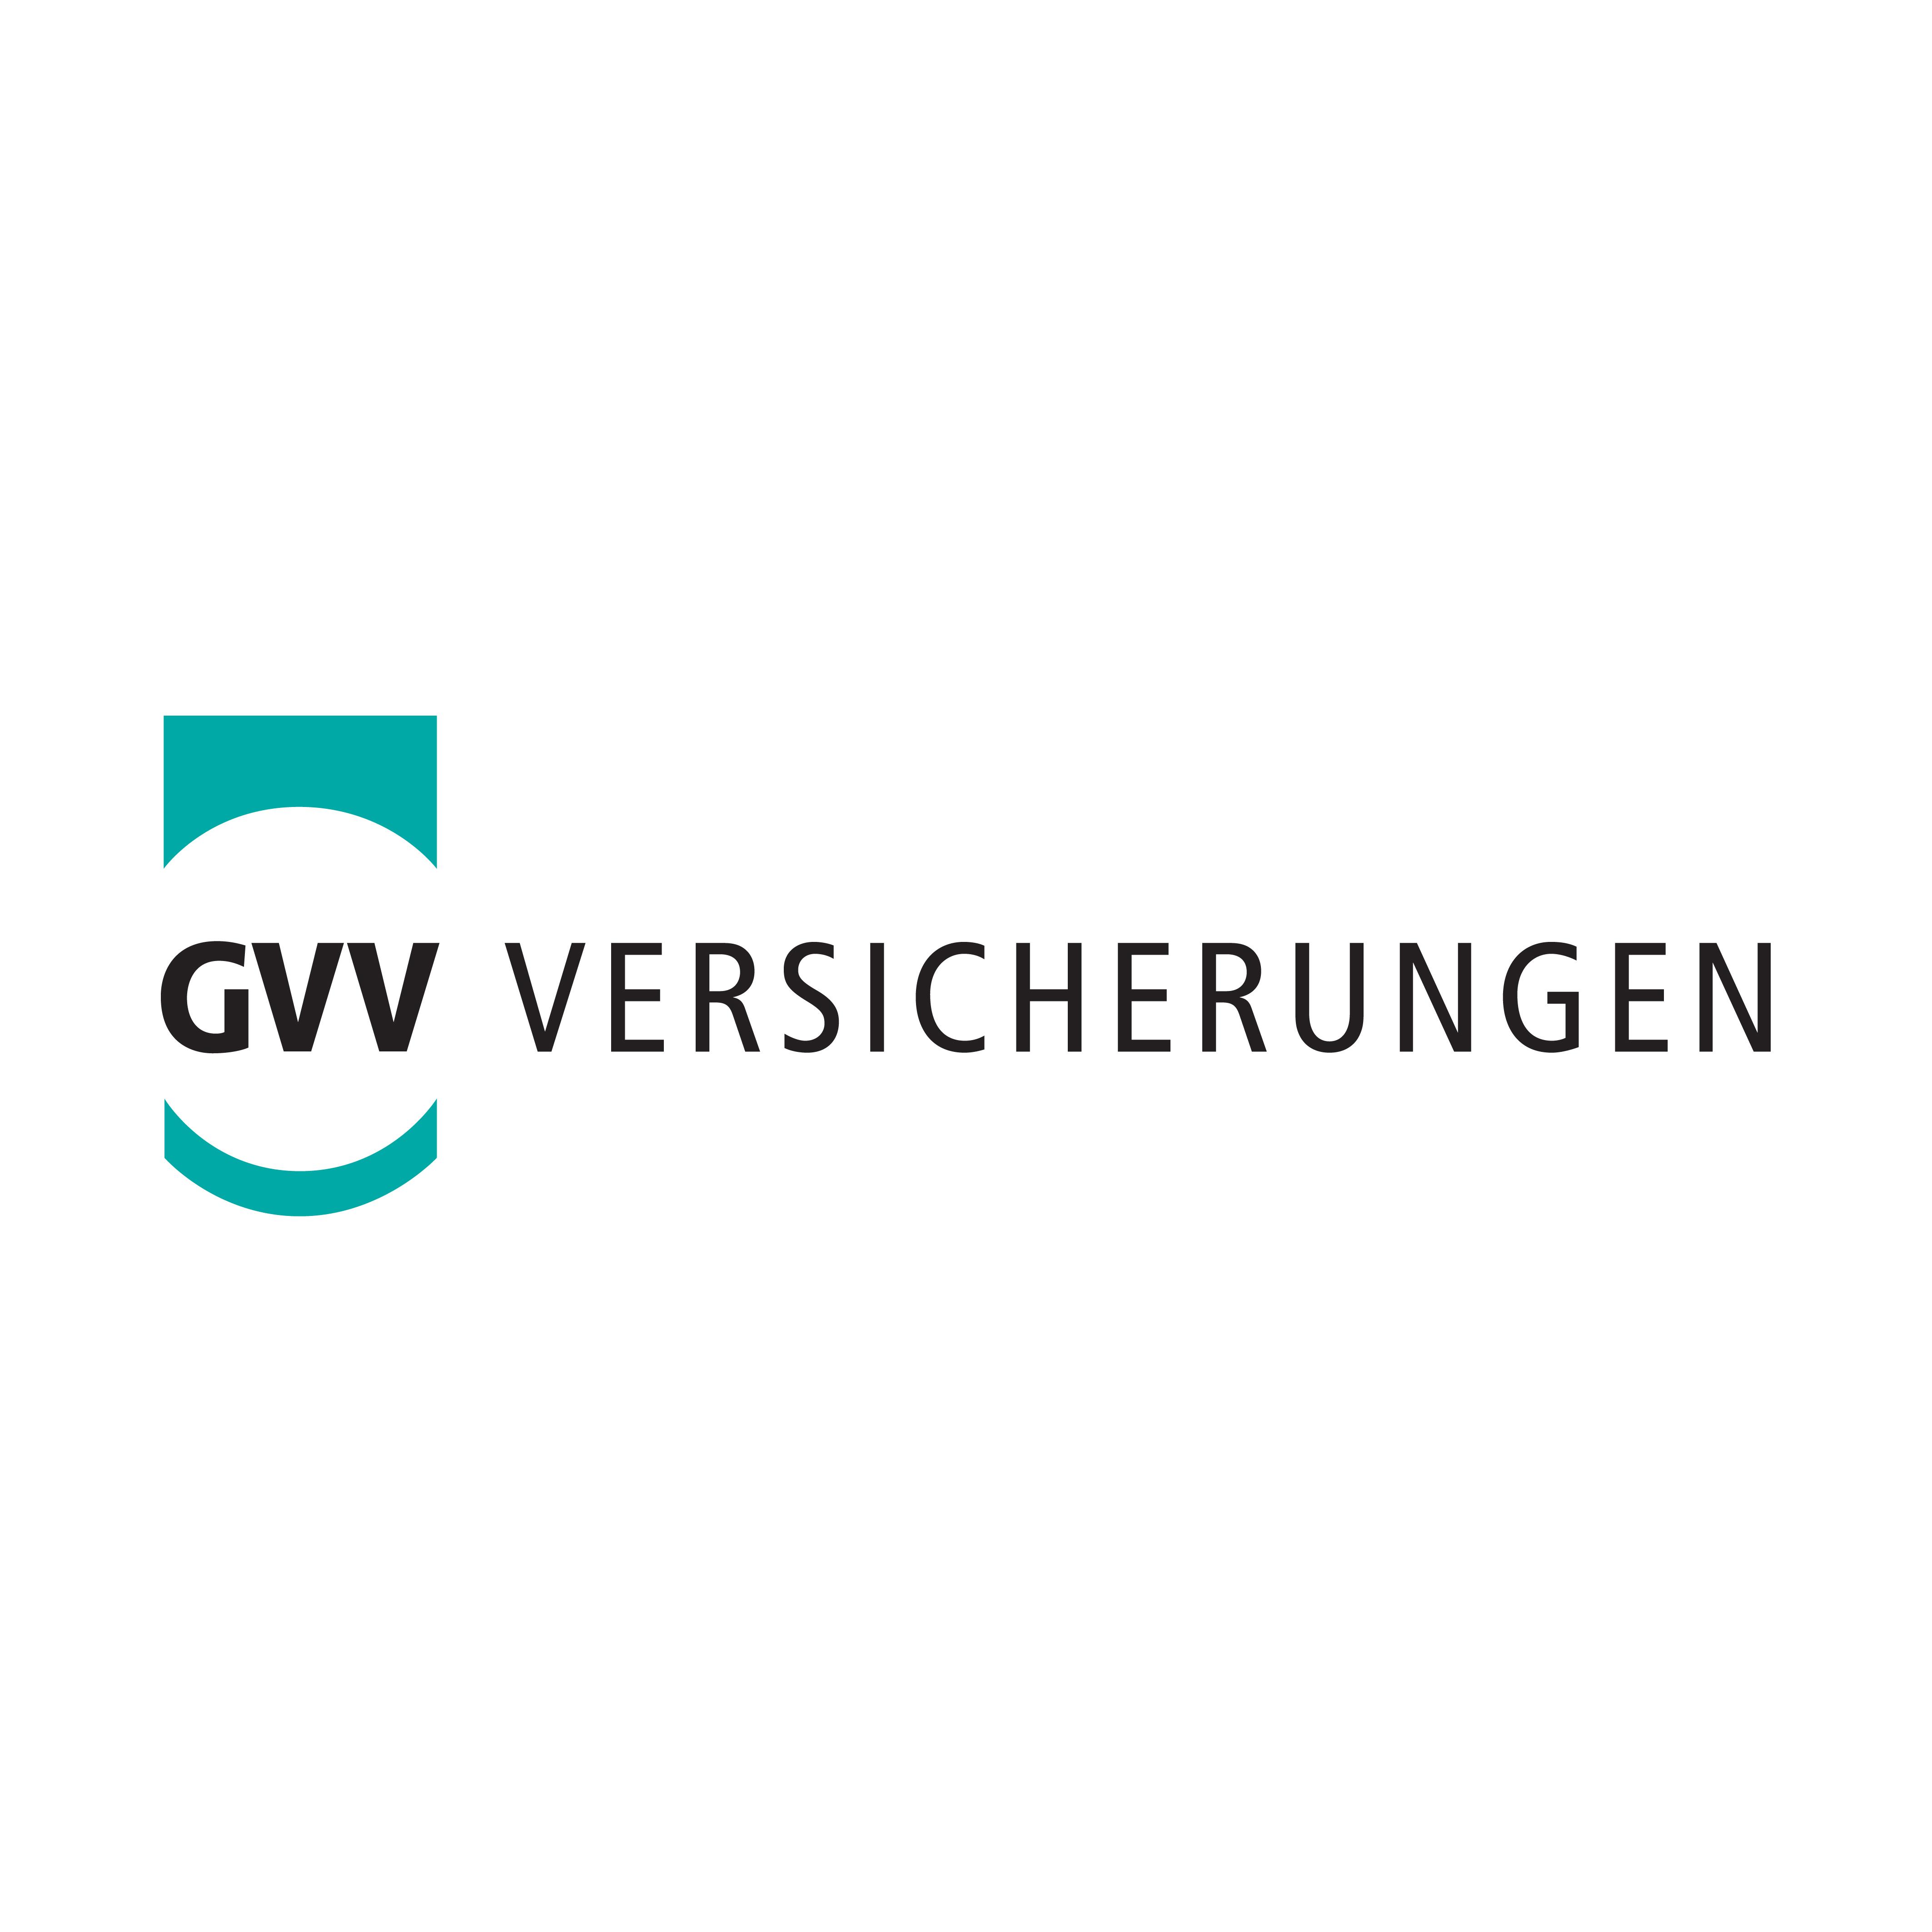 Partnerlogo GVV Versicherungen